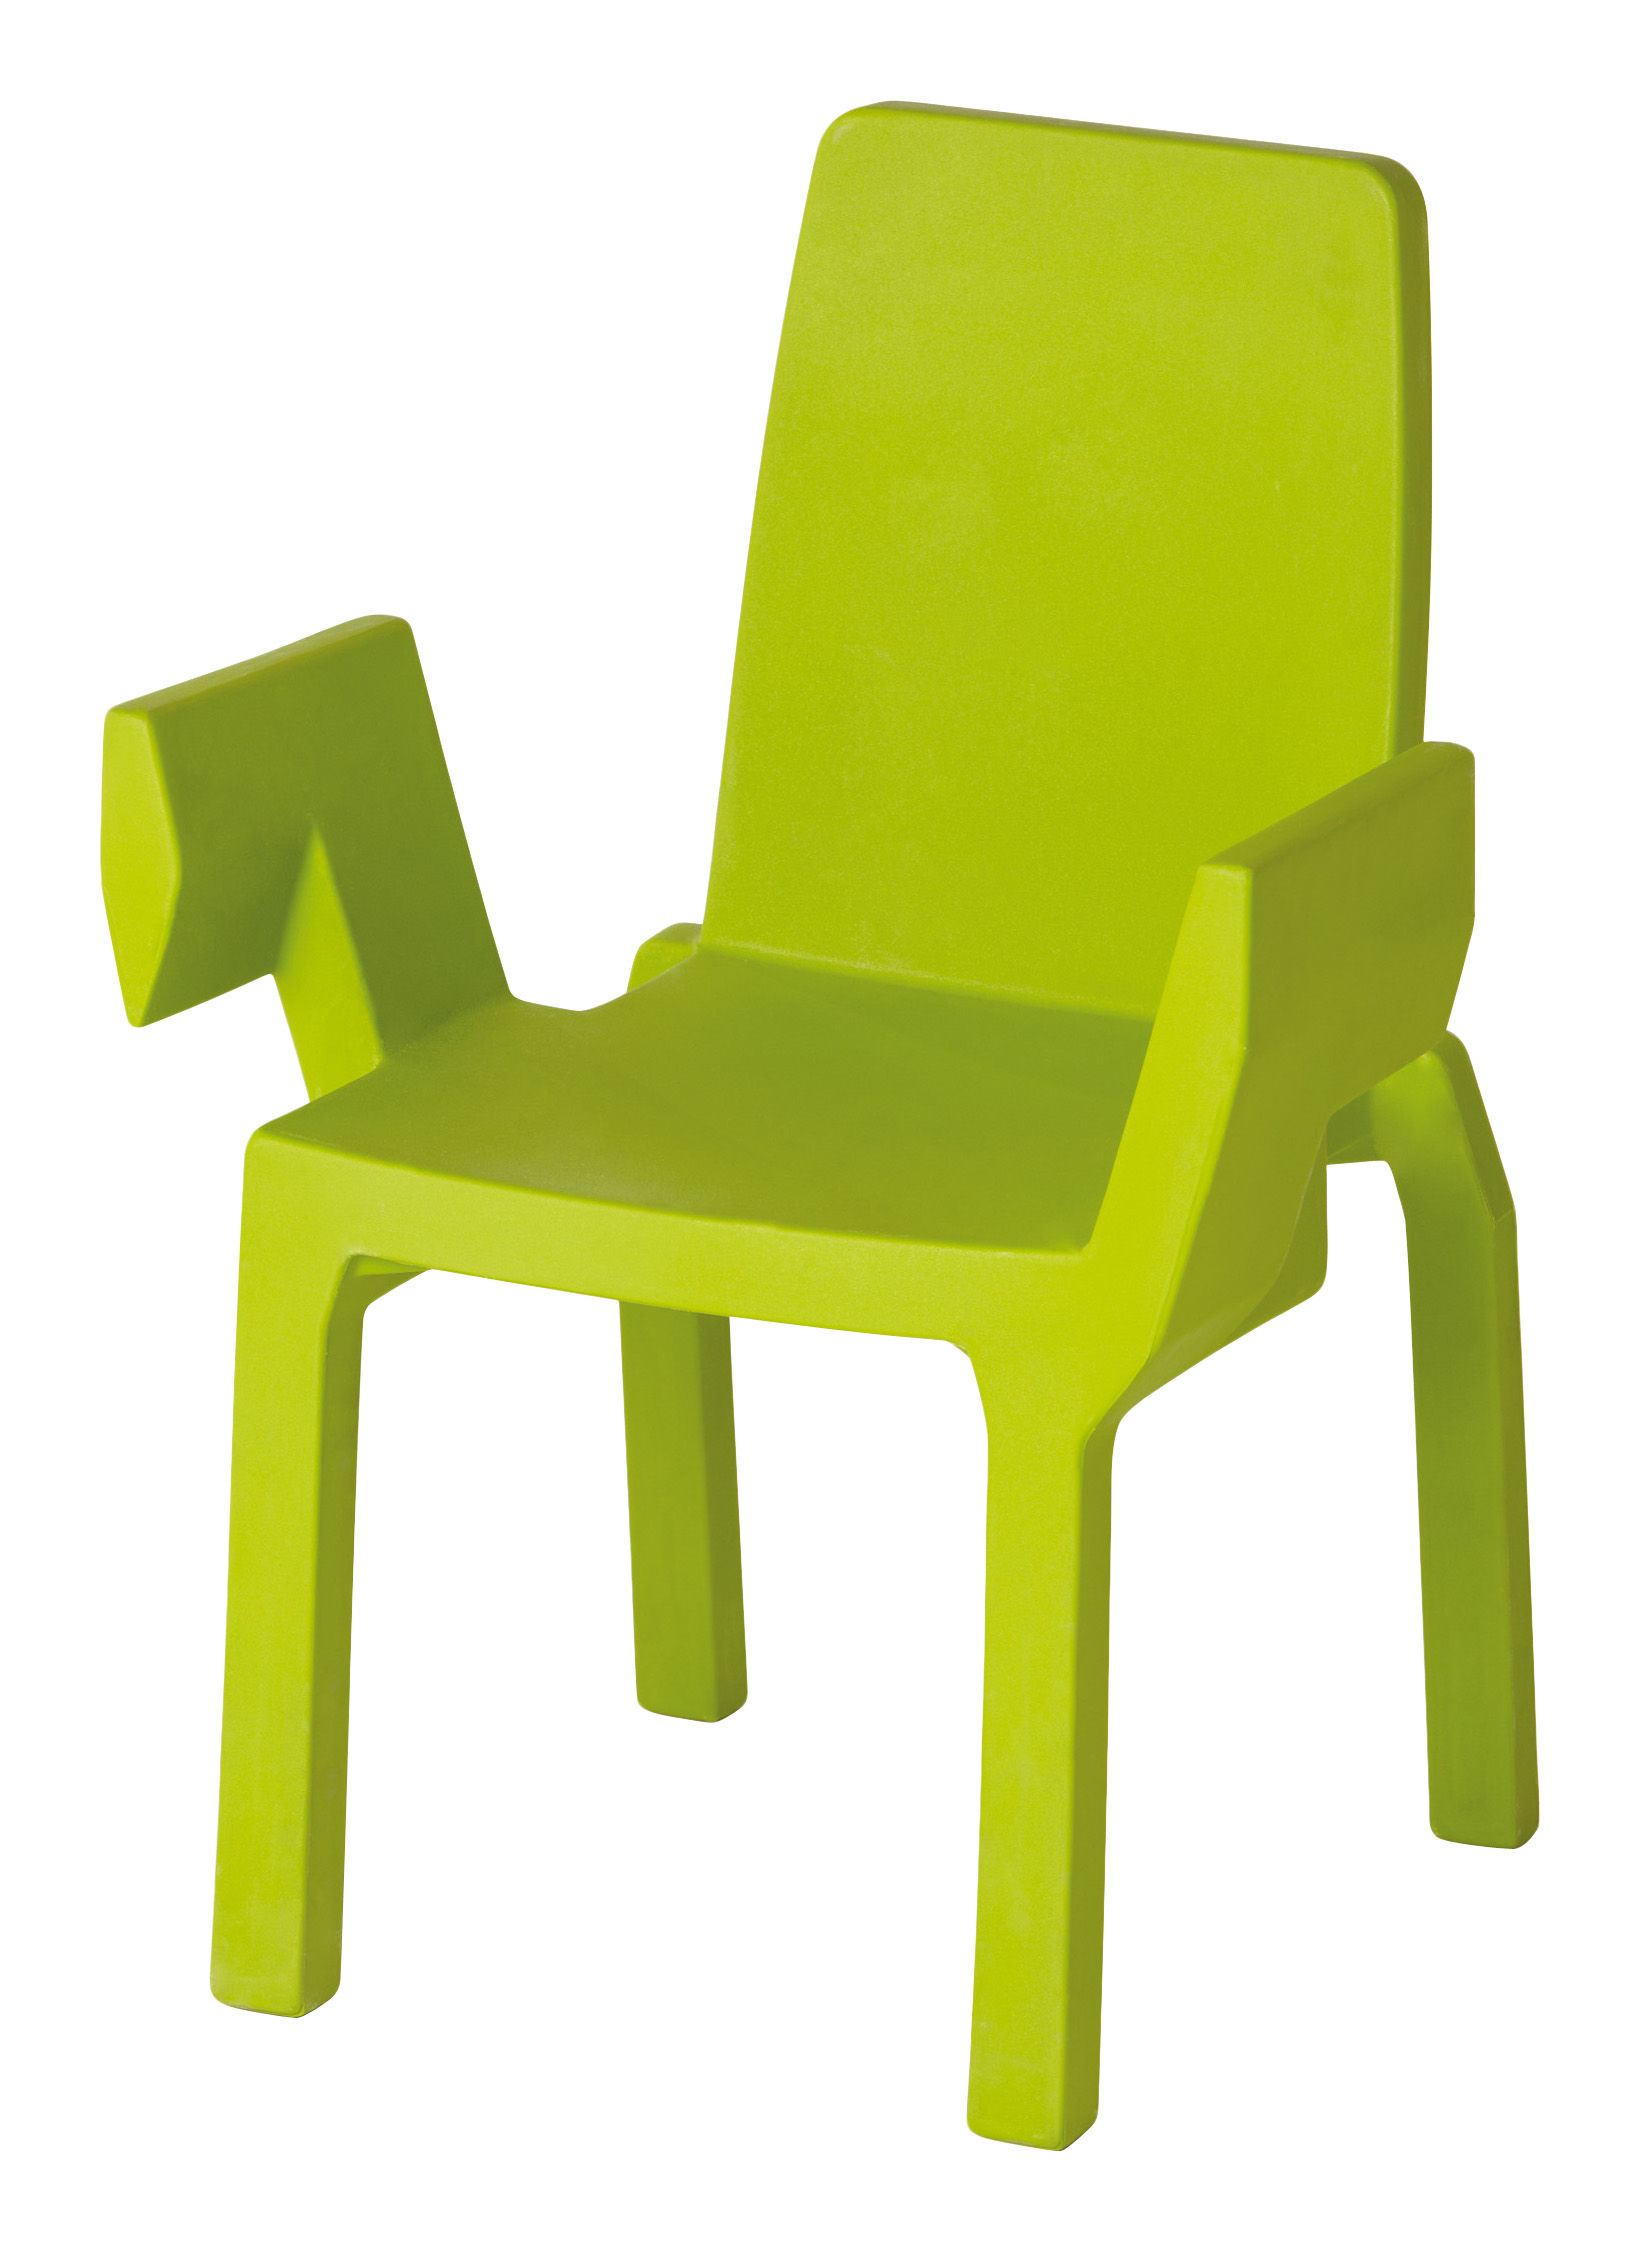 Mobilier - Chaises, fauteuils de salle à manger - Fauteuil empilable Doublix / Plastique - Slide - Vert - Polyéthylène